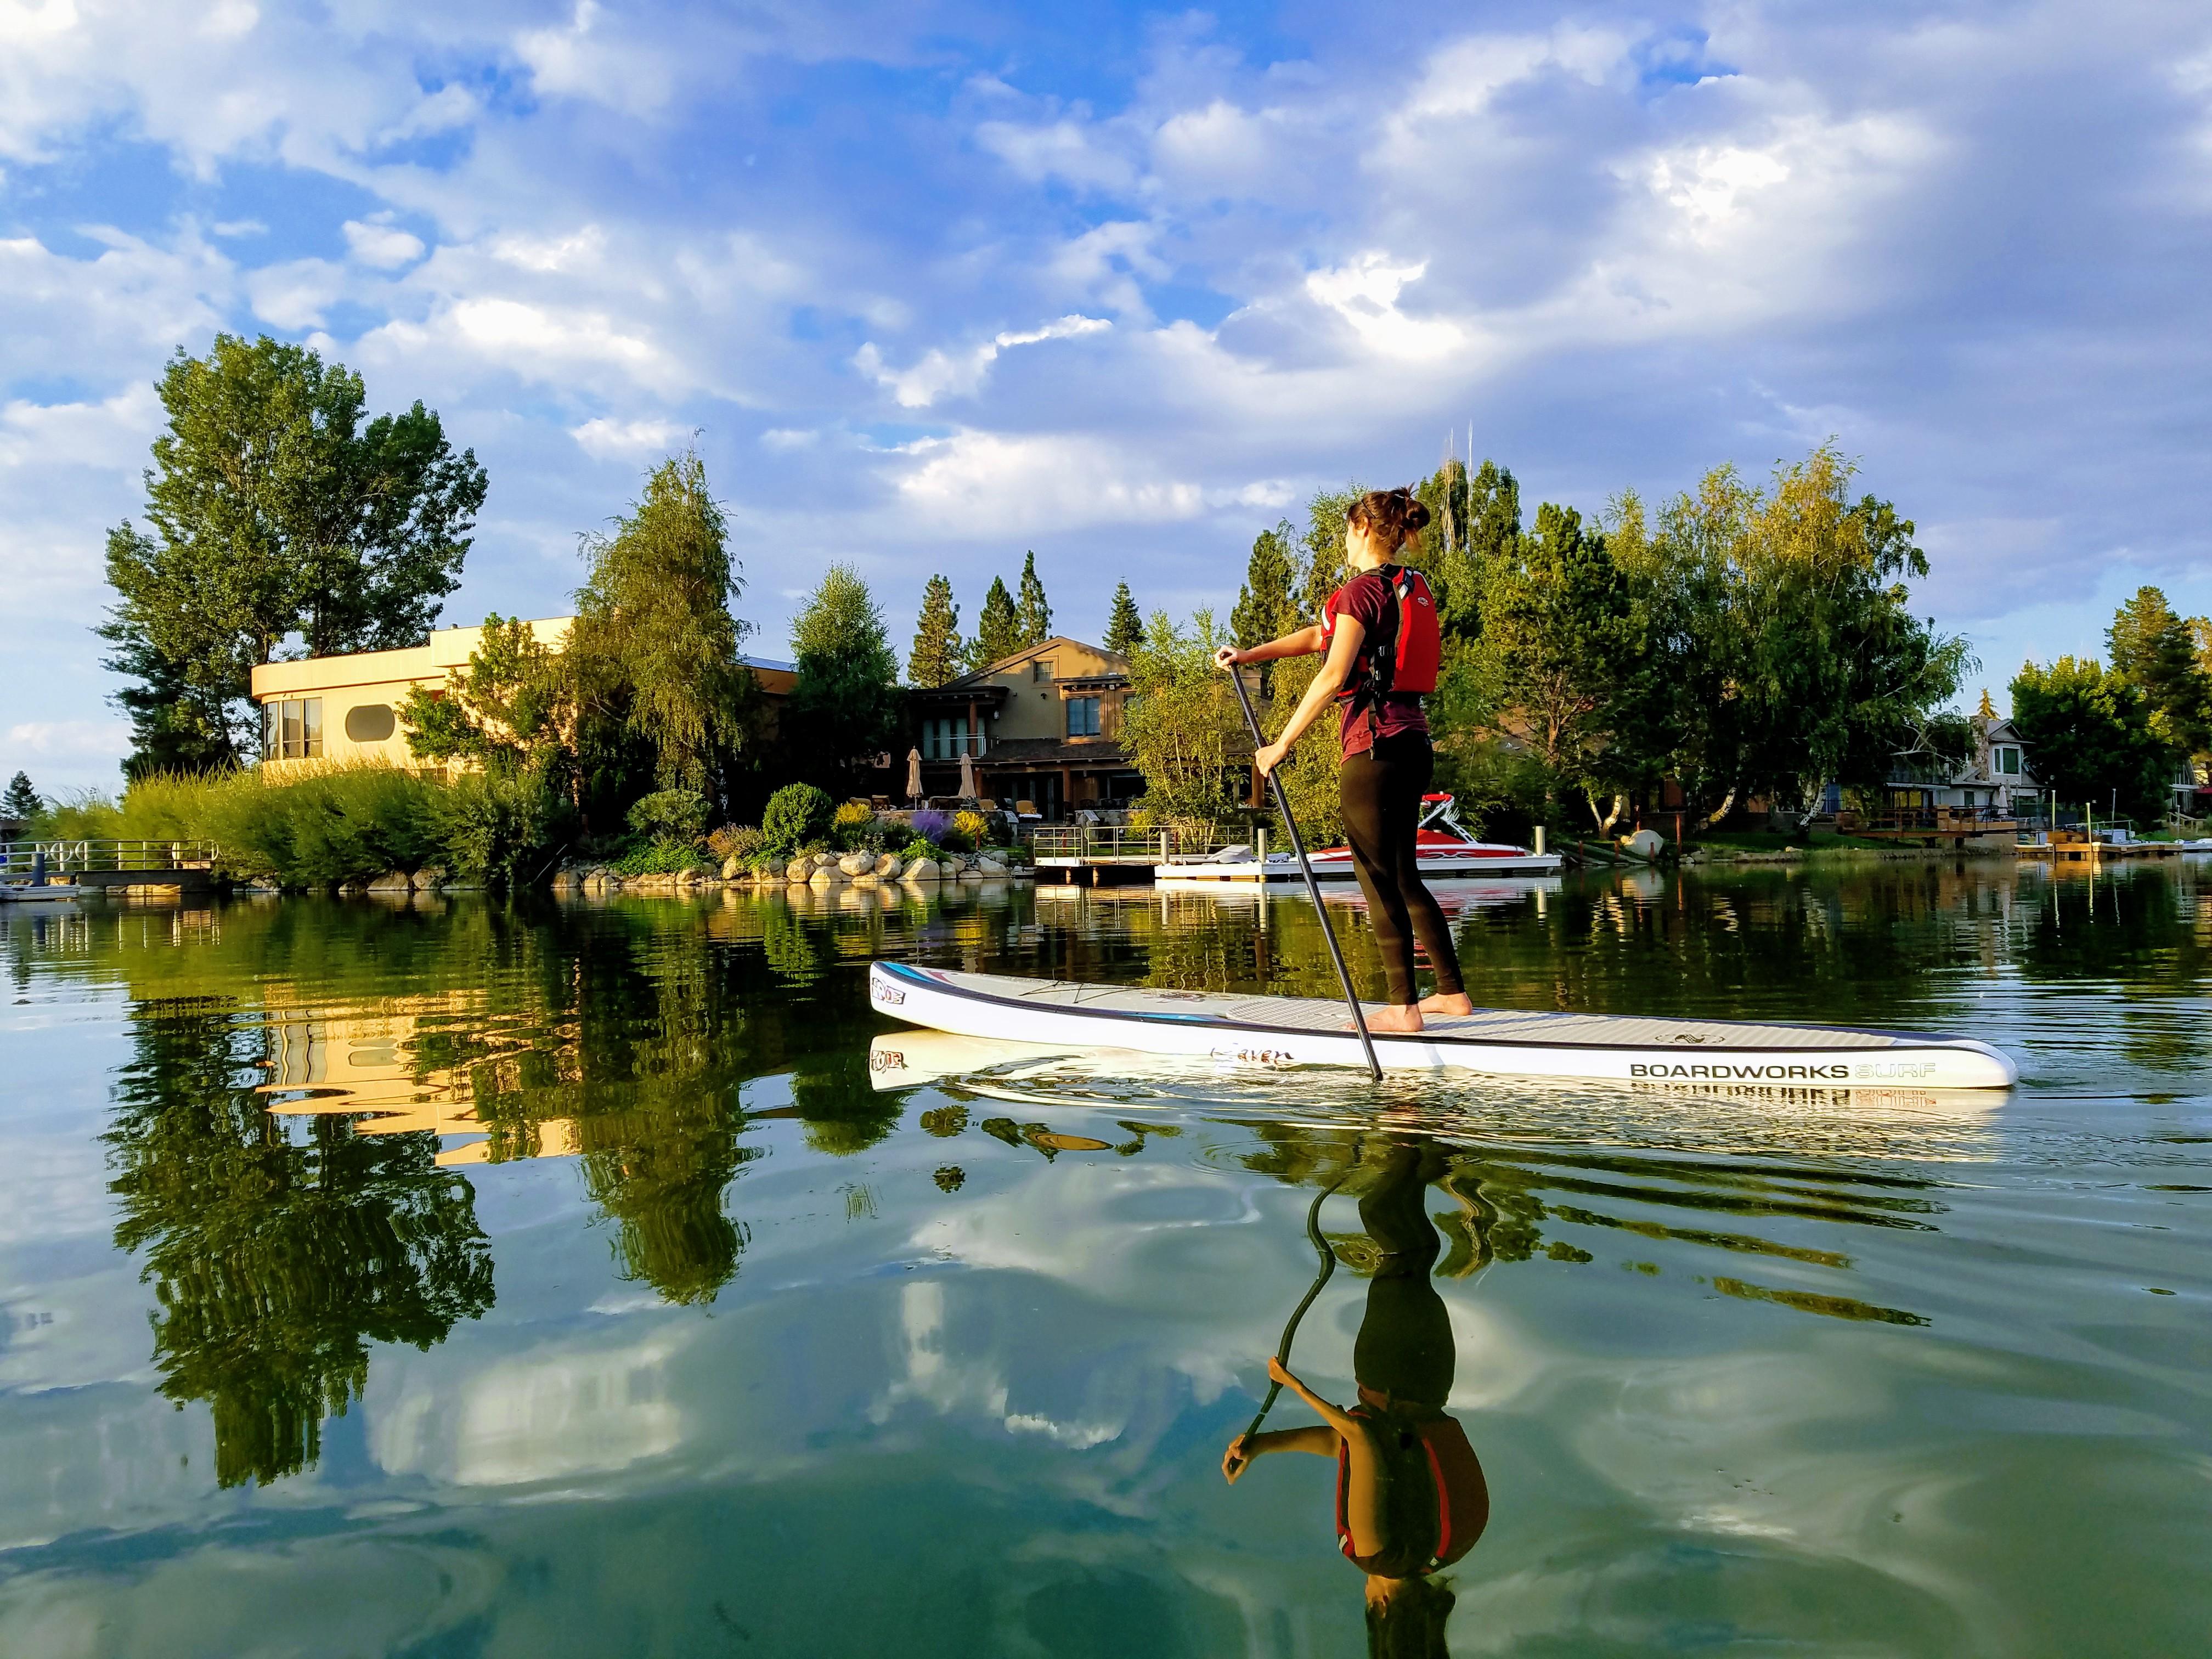 Tahoe Keys Paddle Board